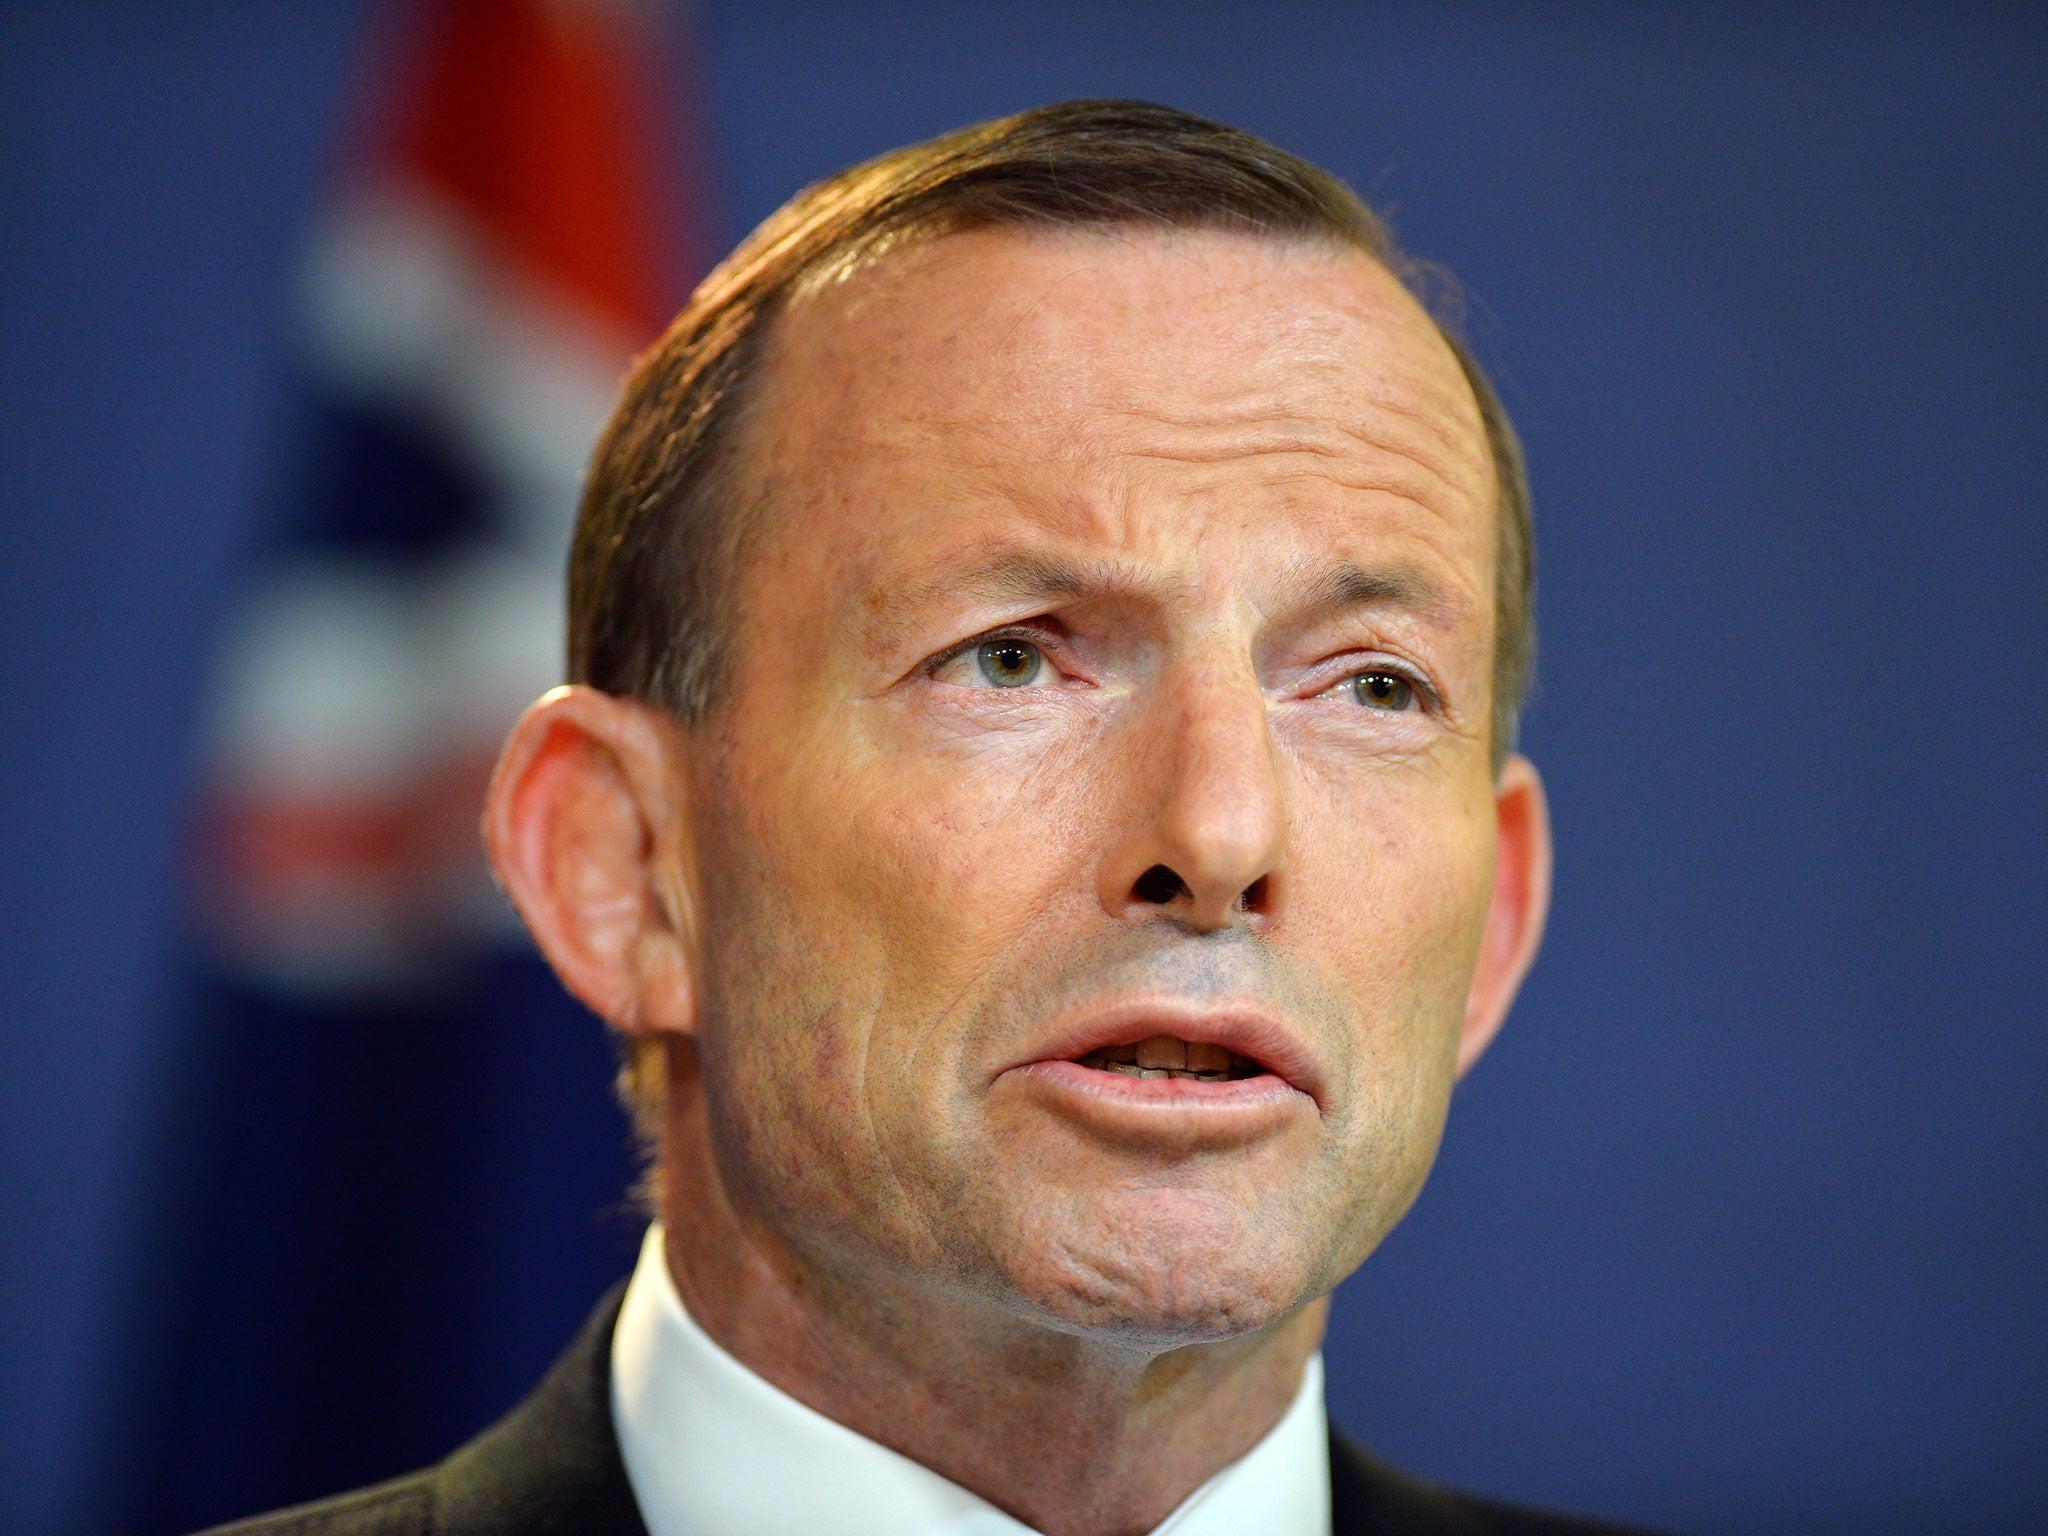 Scottish Independence: Australian PM Tony Abbott says 'No'   Scottish independence   News   The Independent - v2-Tony-abbott